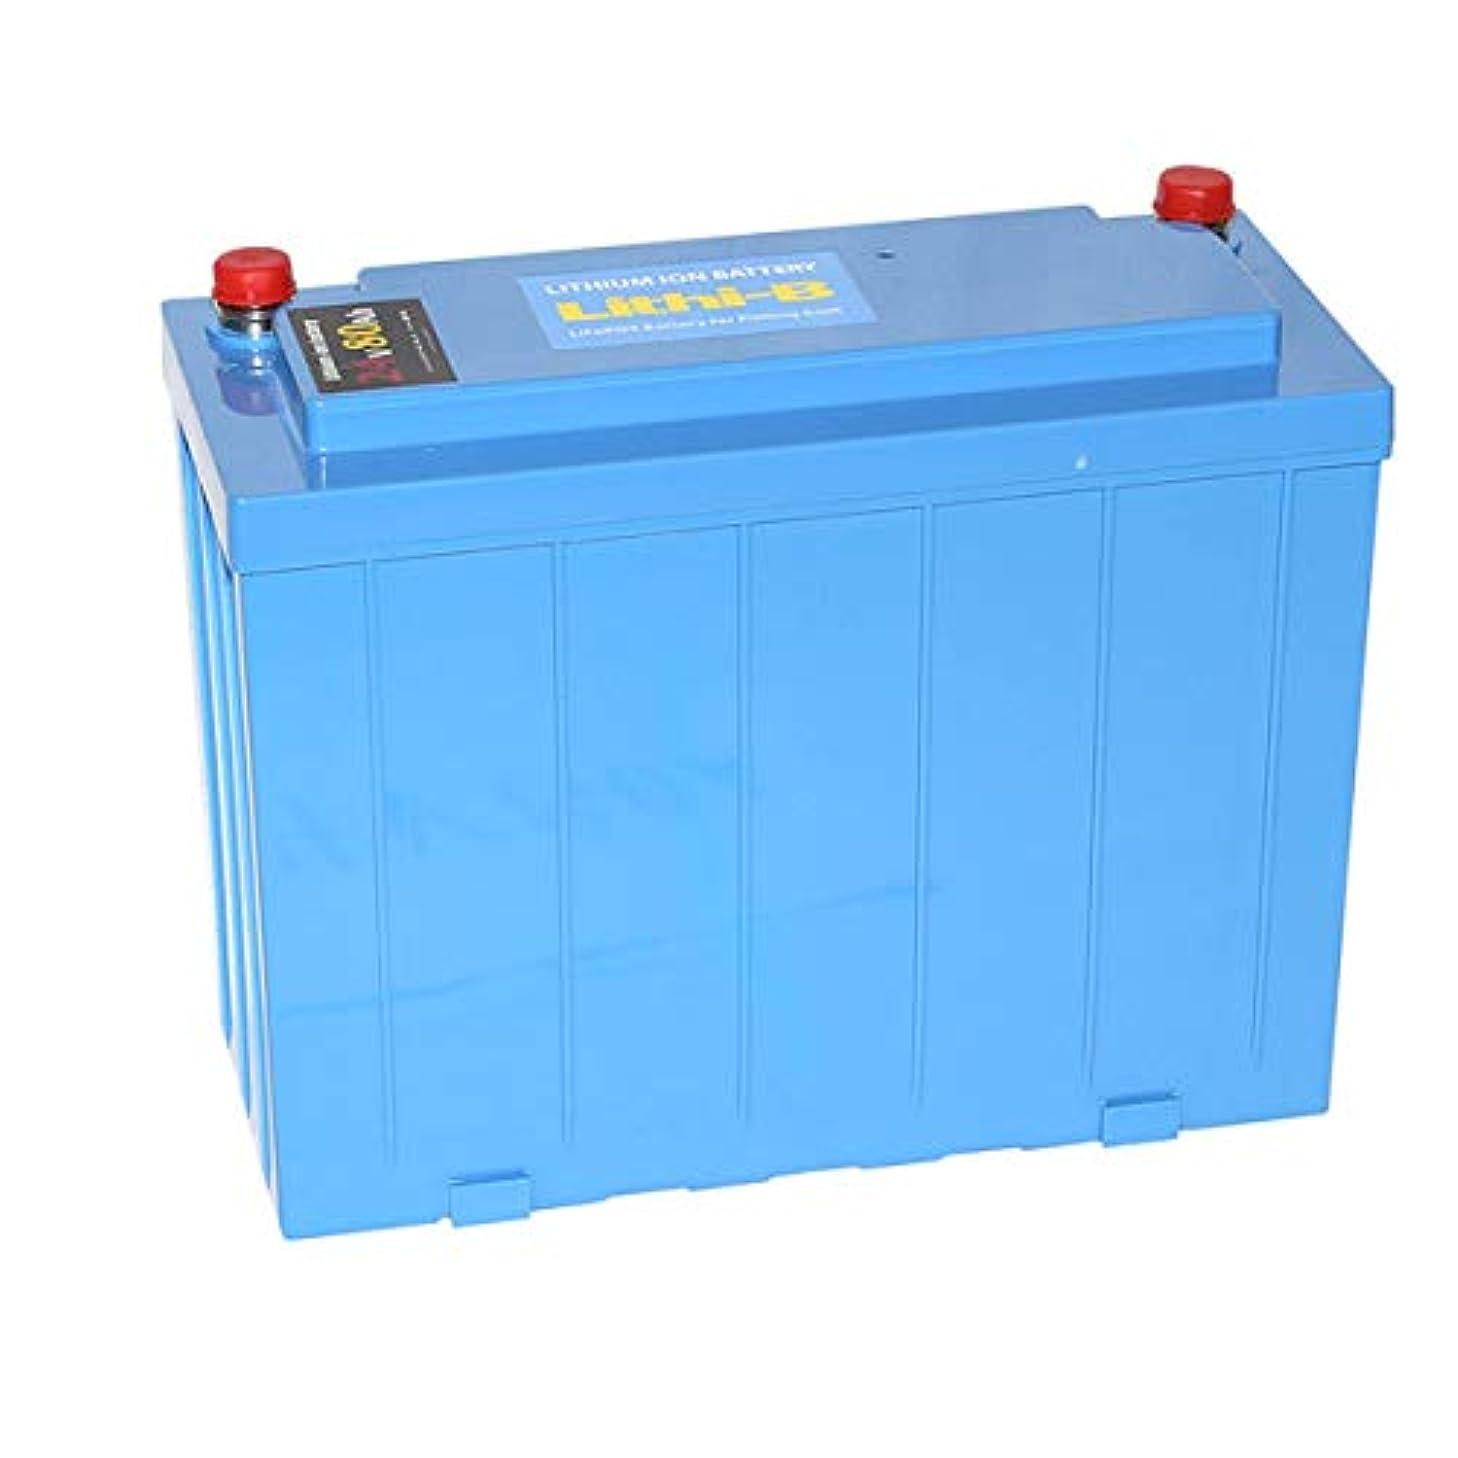 書くカード放置LifePO4 リチウムバッテリー リチビー(Lithi-B) 24V 80Ah